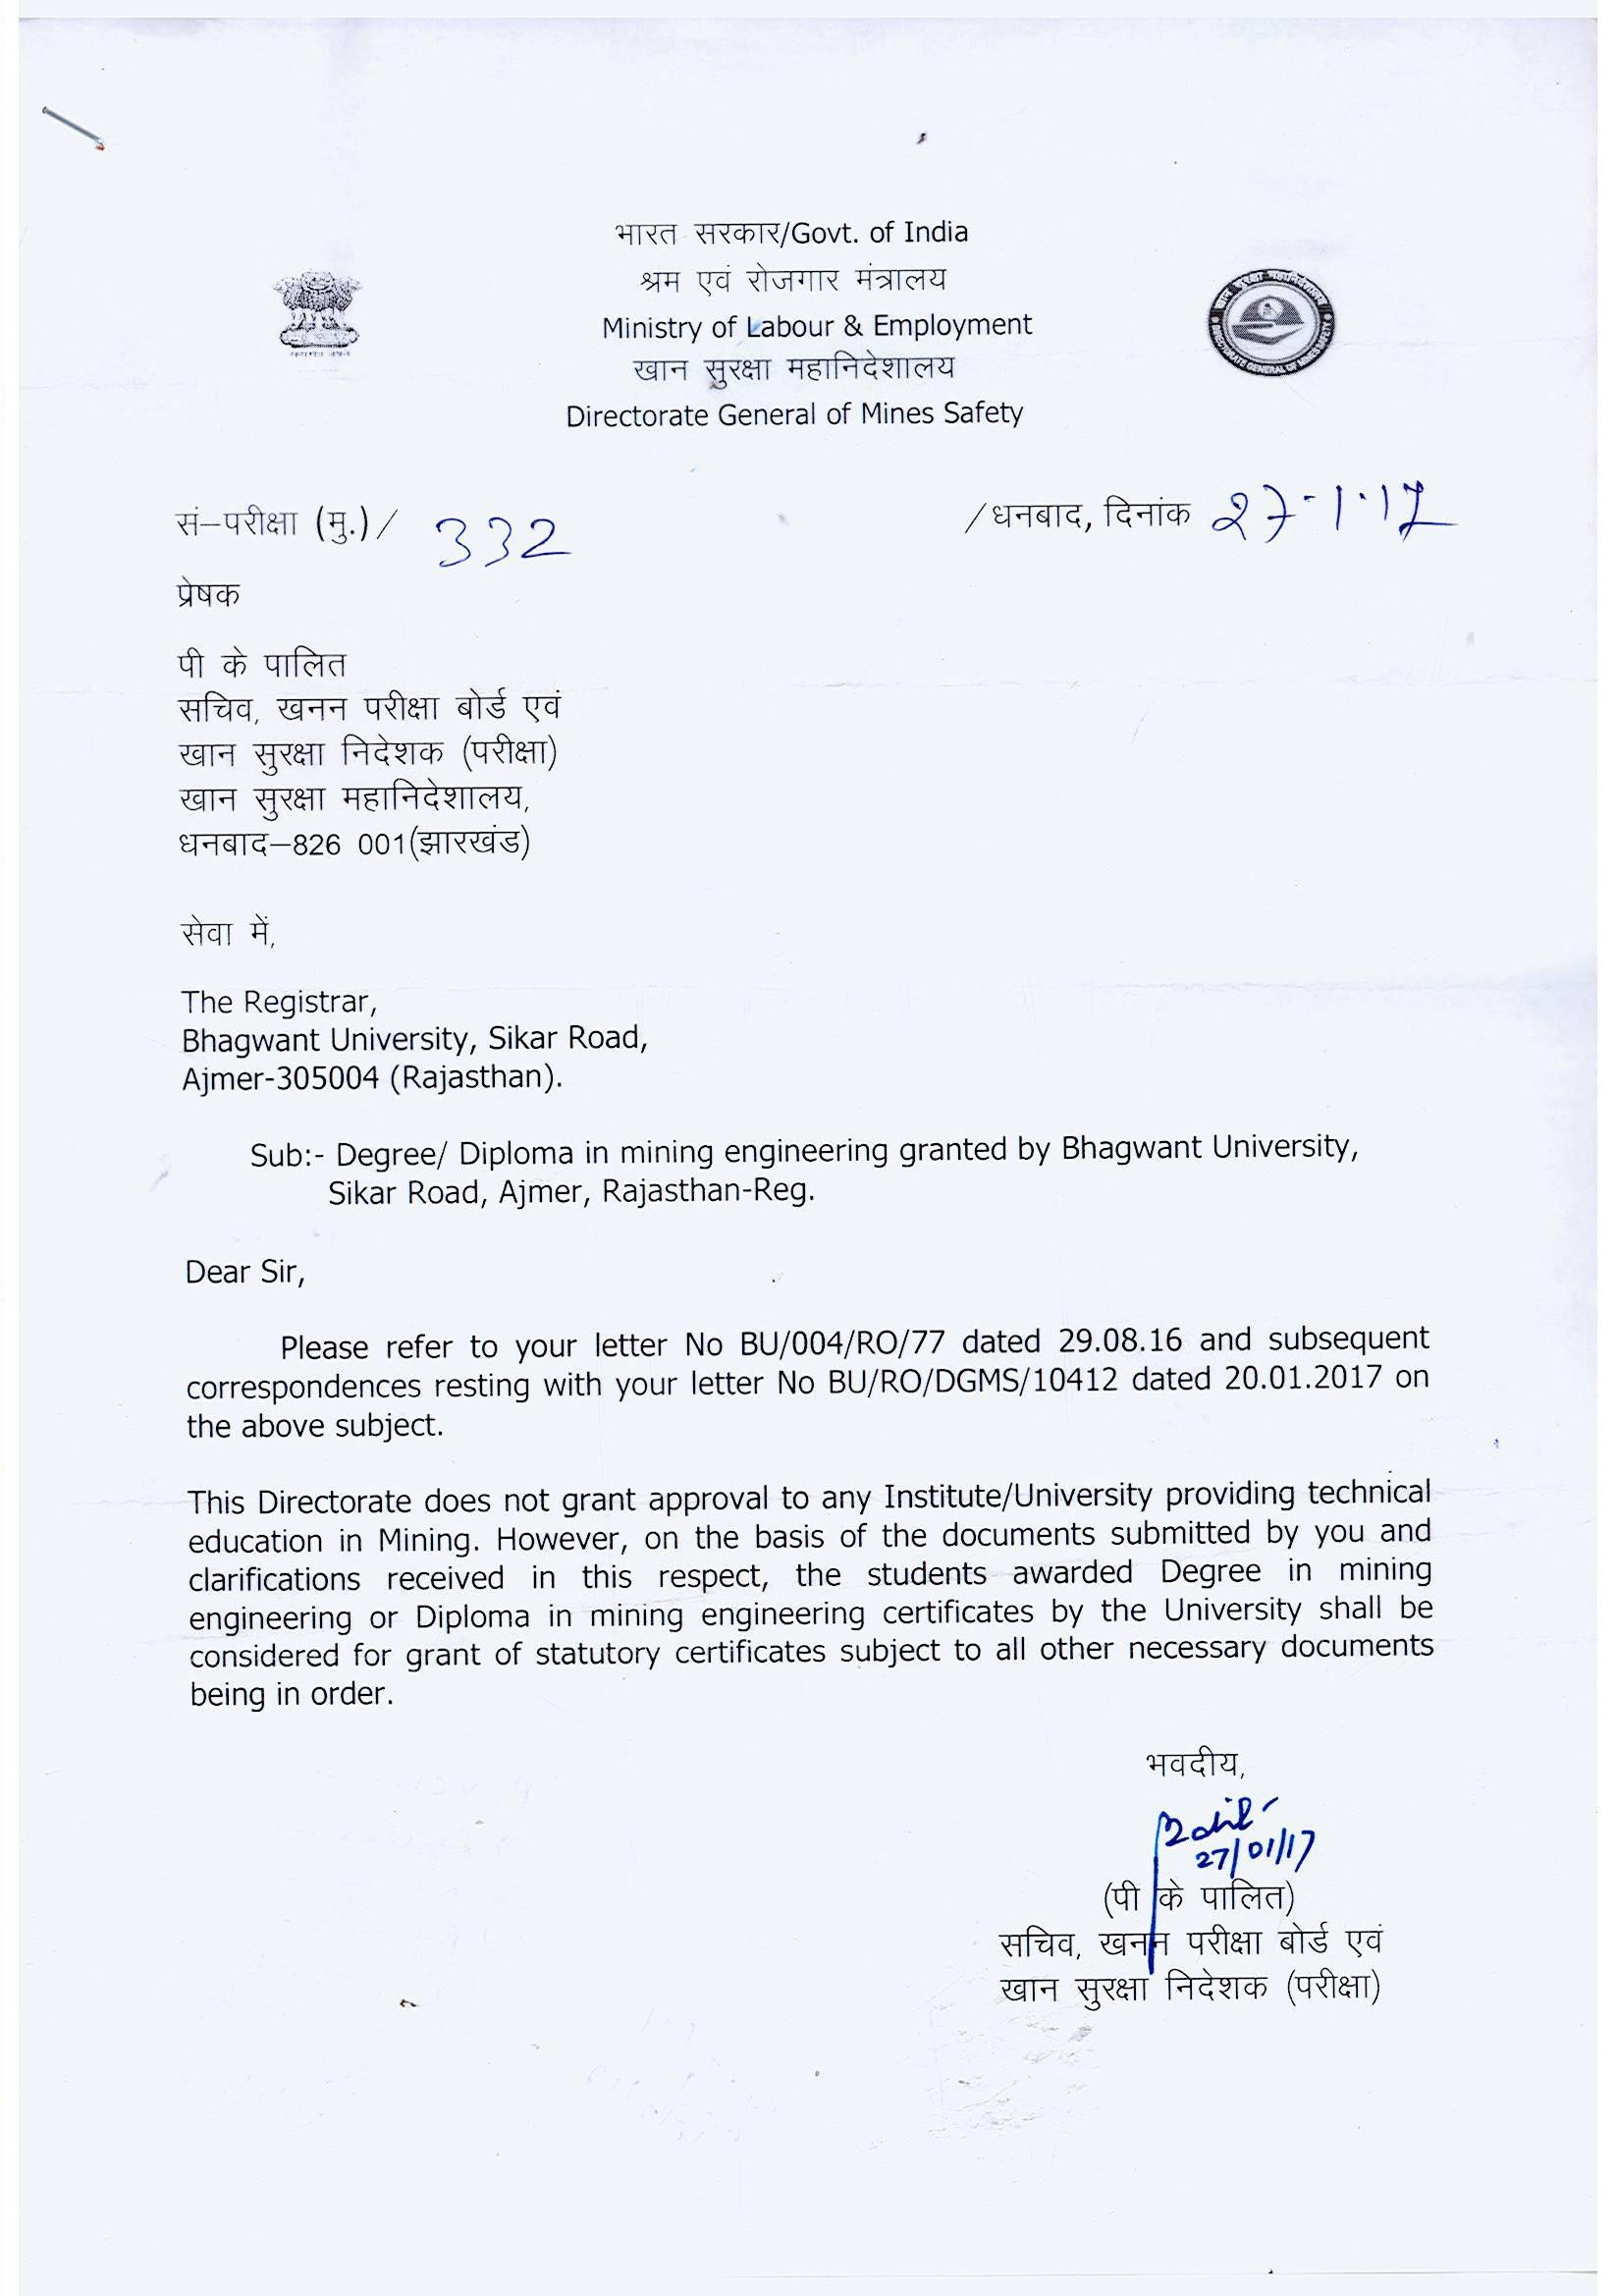 hr certification letter sample medical certificate